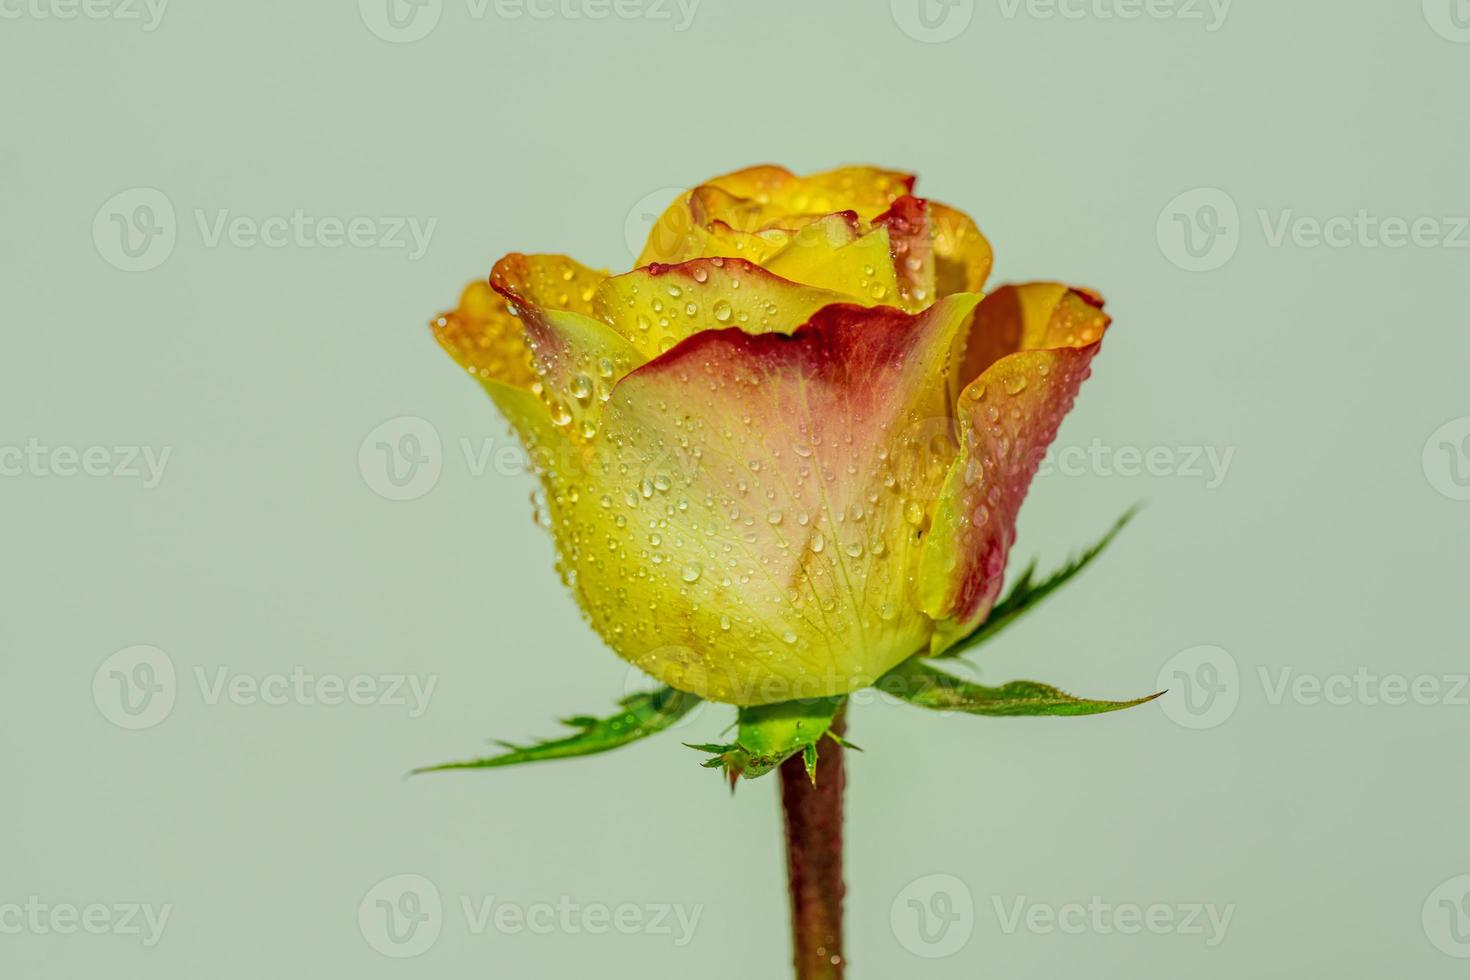 una sola rosa gialla e rossa ricoperta di umidità foto